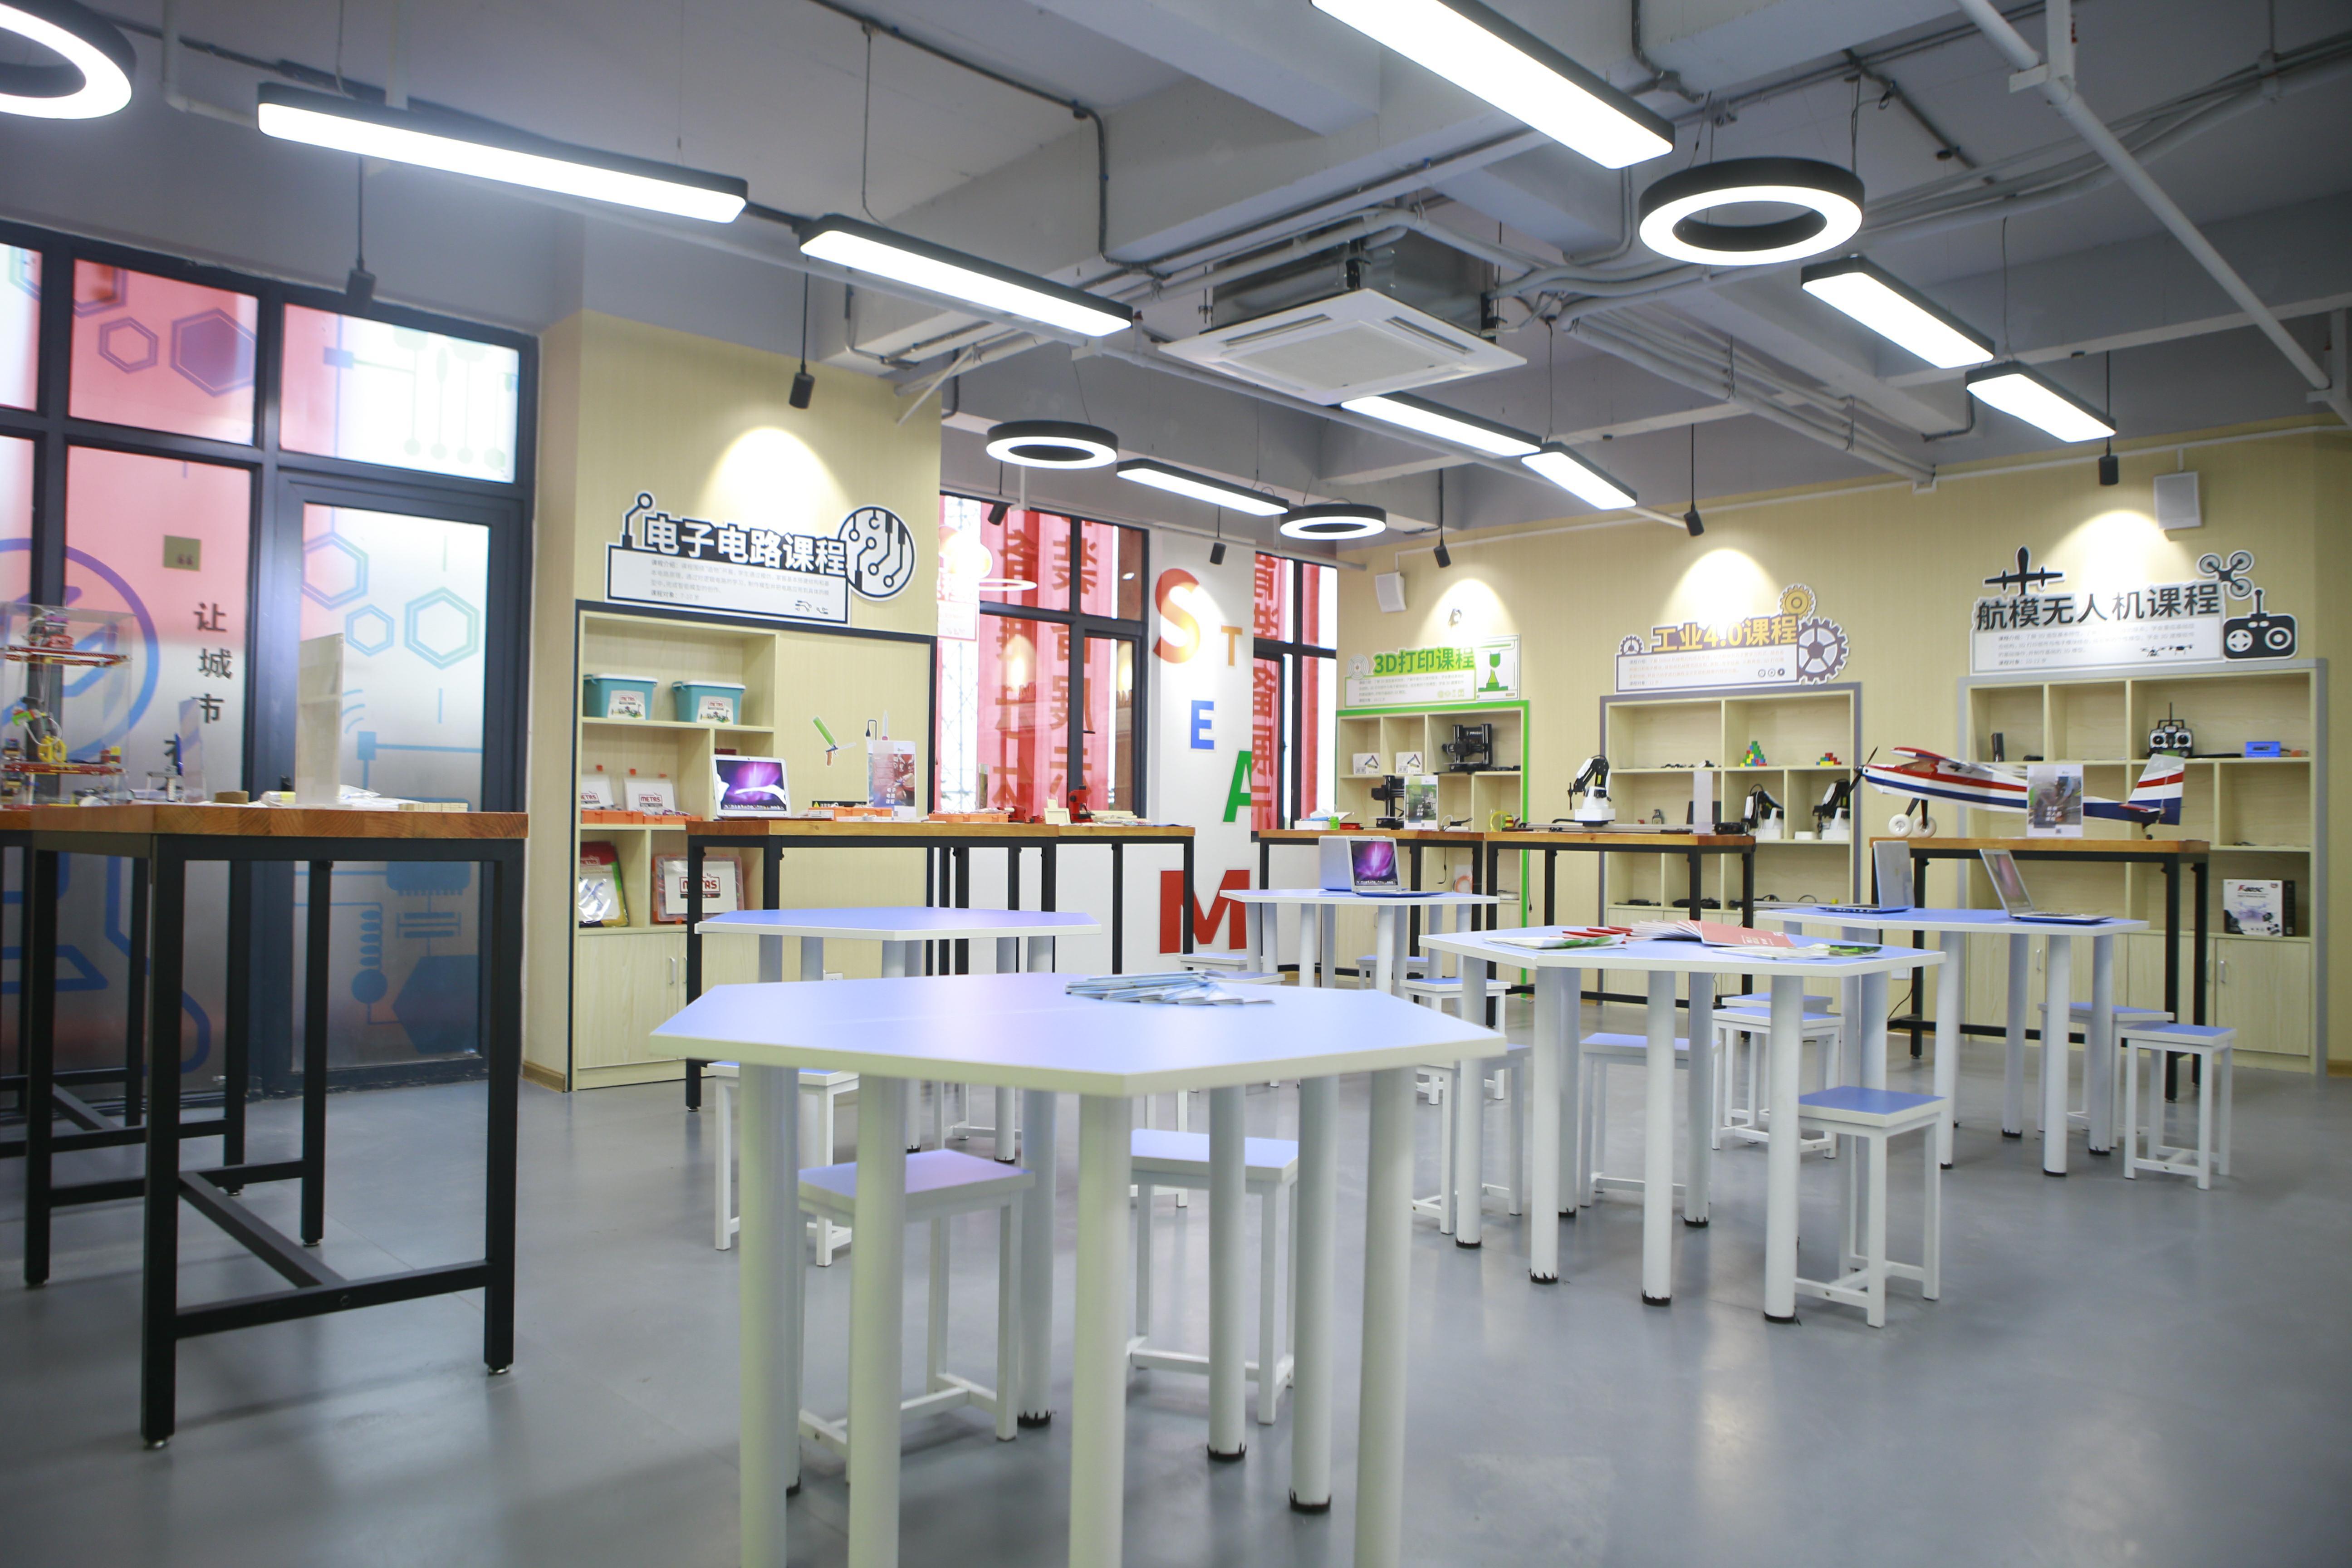 创客教学设备,创客教室配置